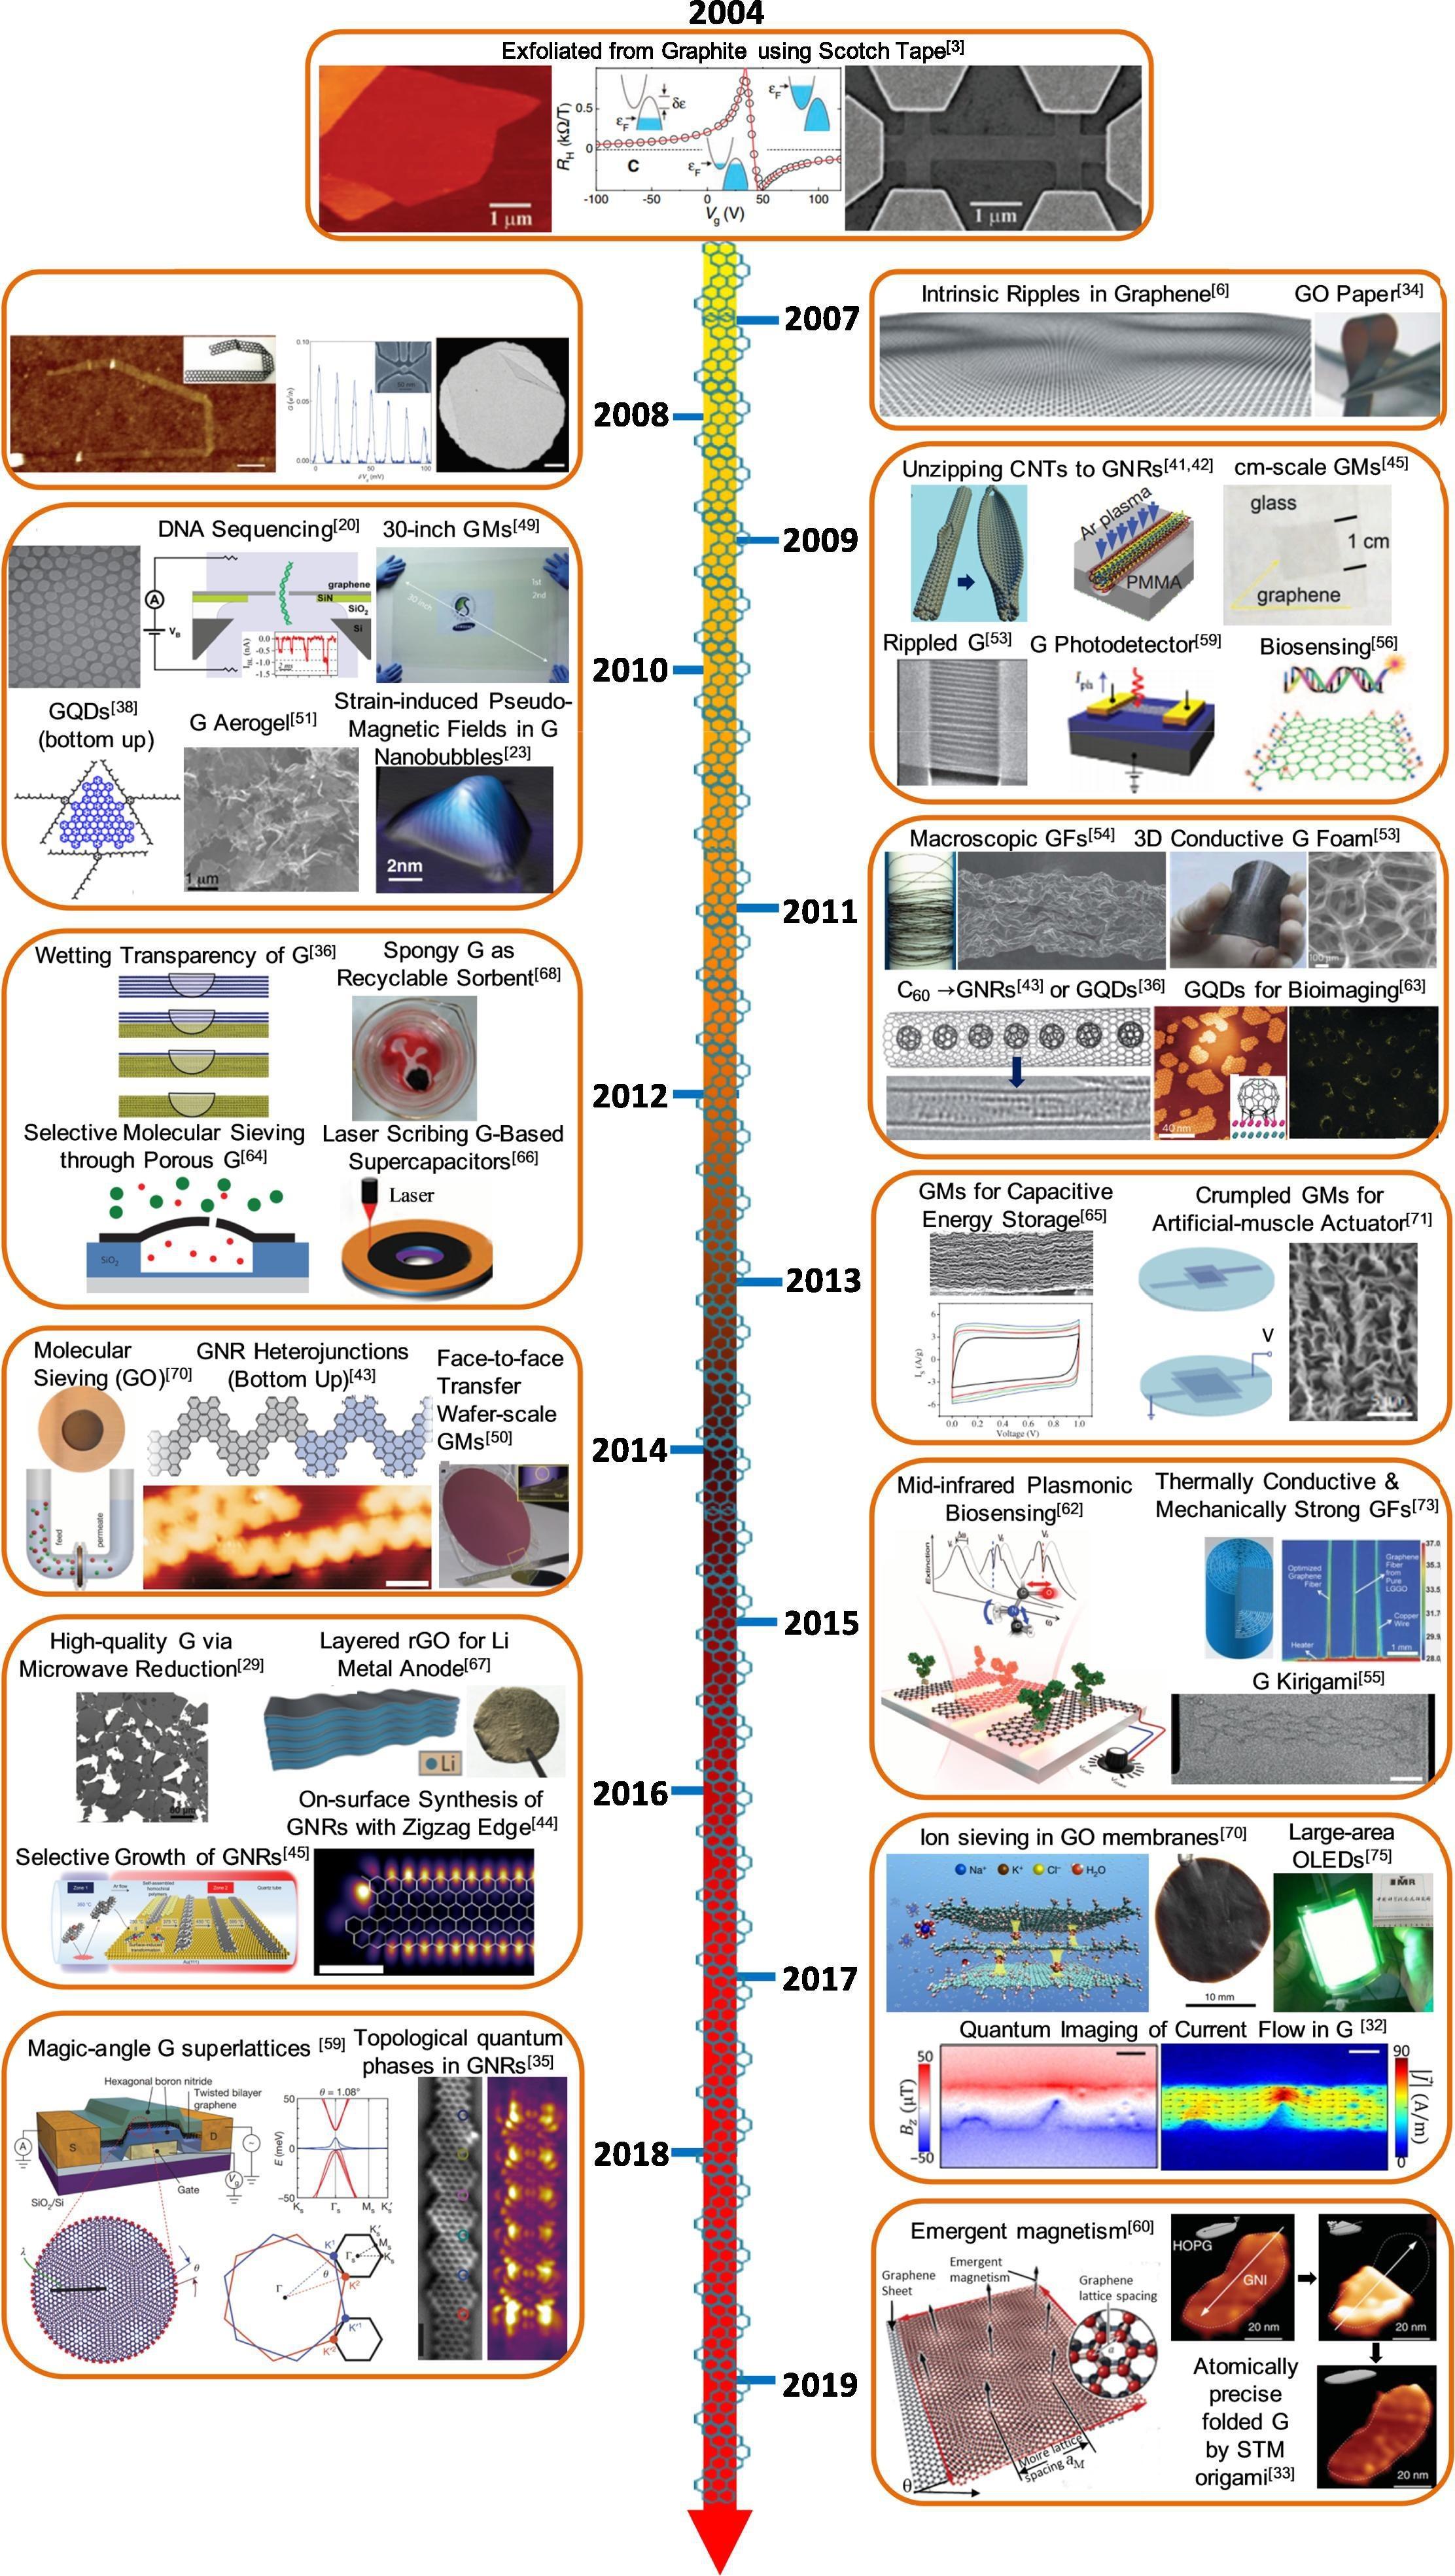 中科院黄富强等人Progress in Materials Science综述:多维石墨烯结构及其扩展:独特的性质,合成方法和应用